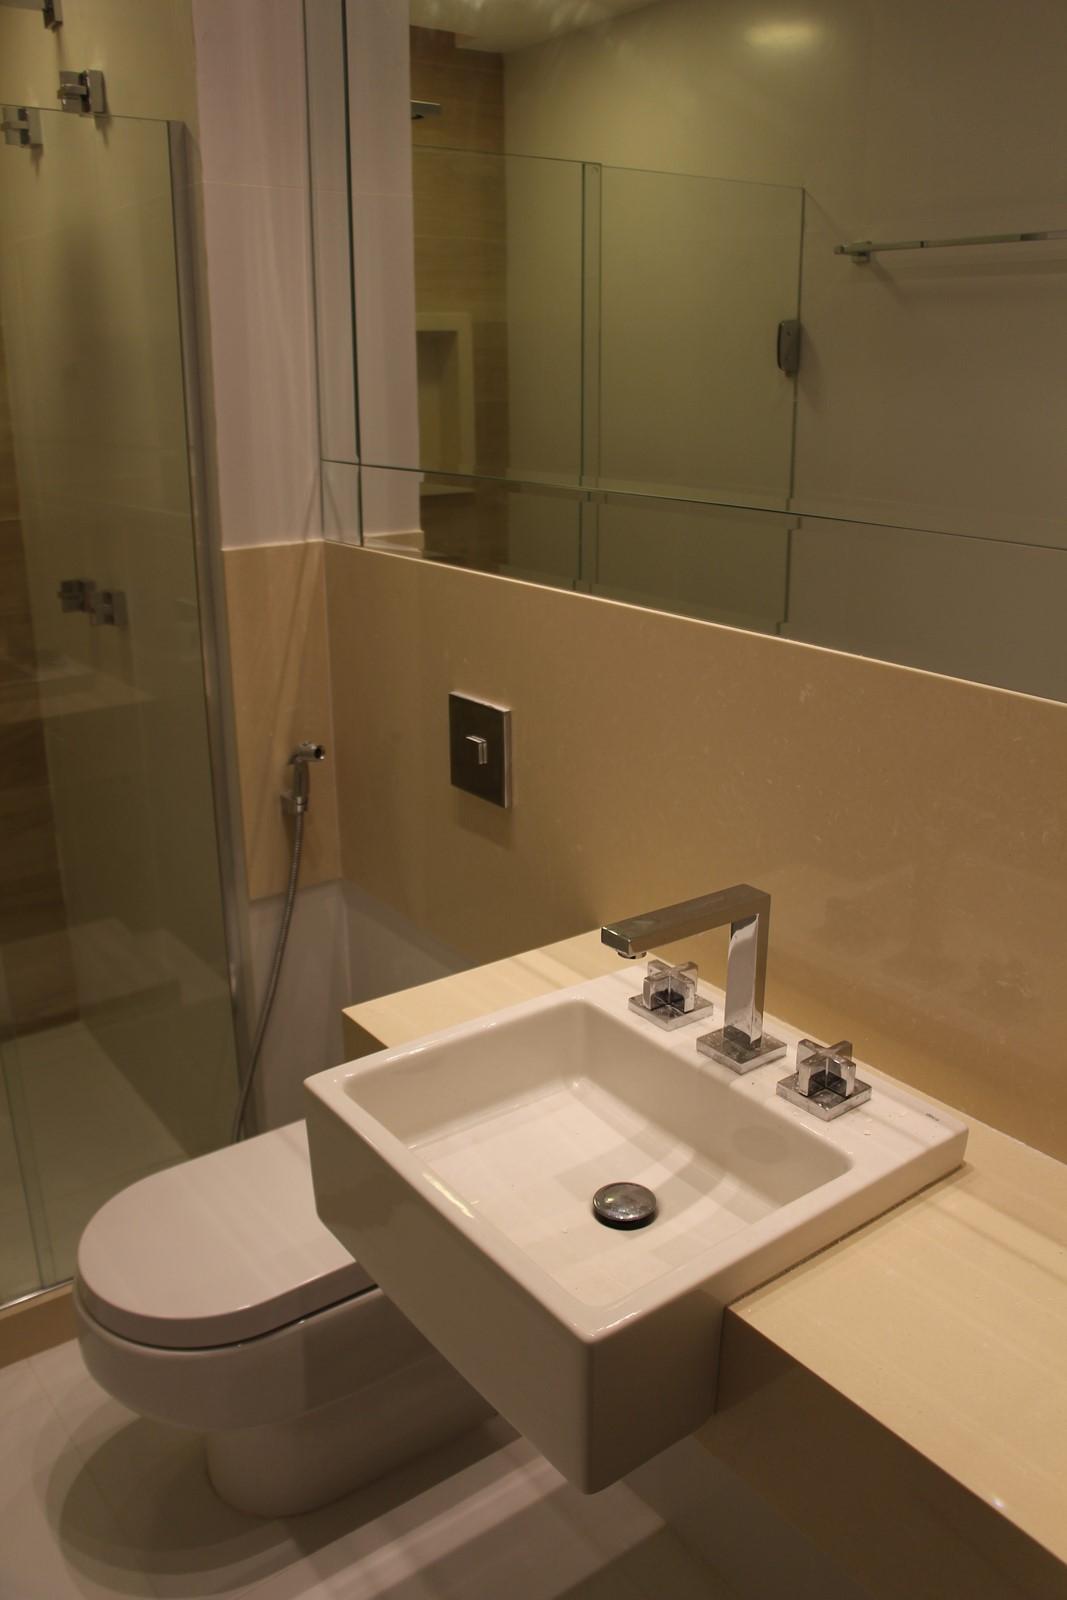 Banheiro social cuba de semi encaixe #966435 1067 1600